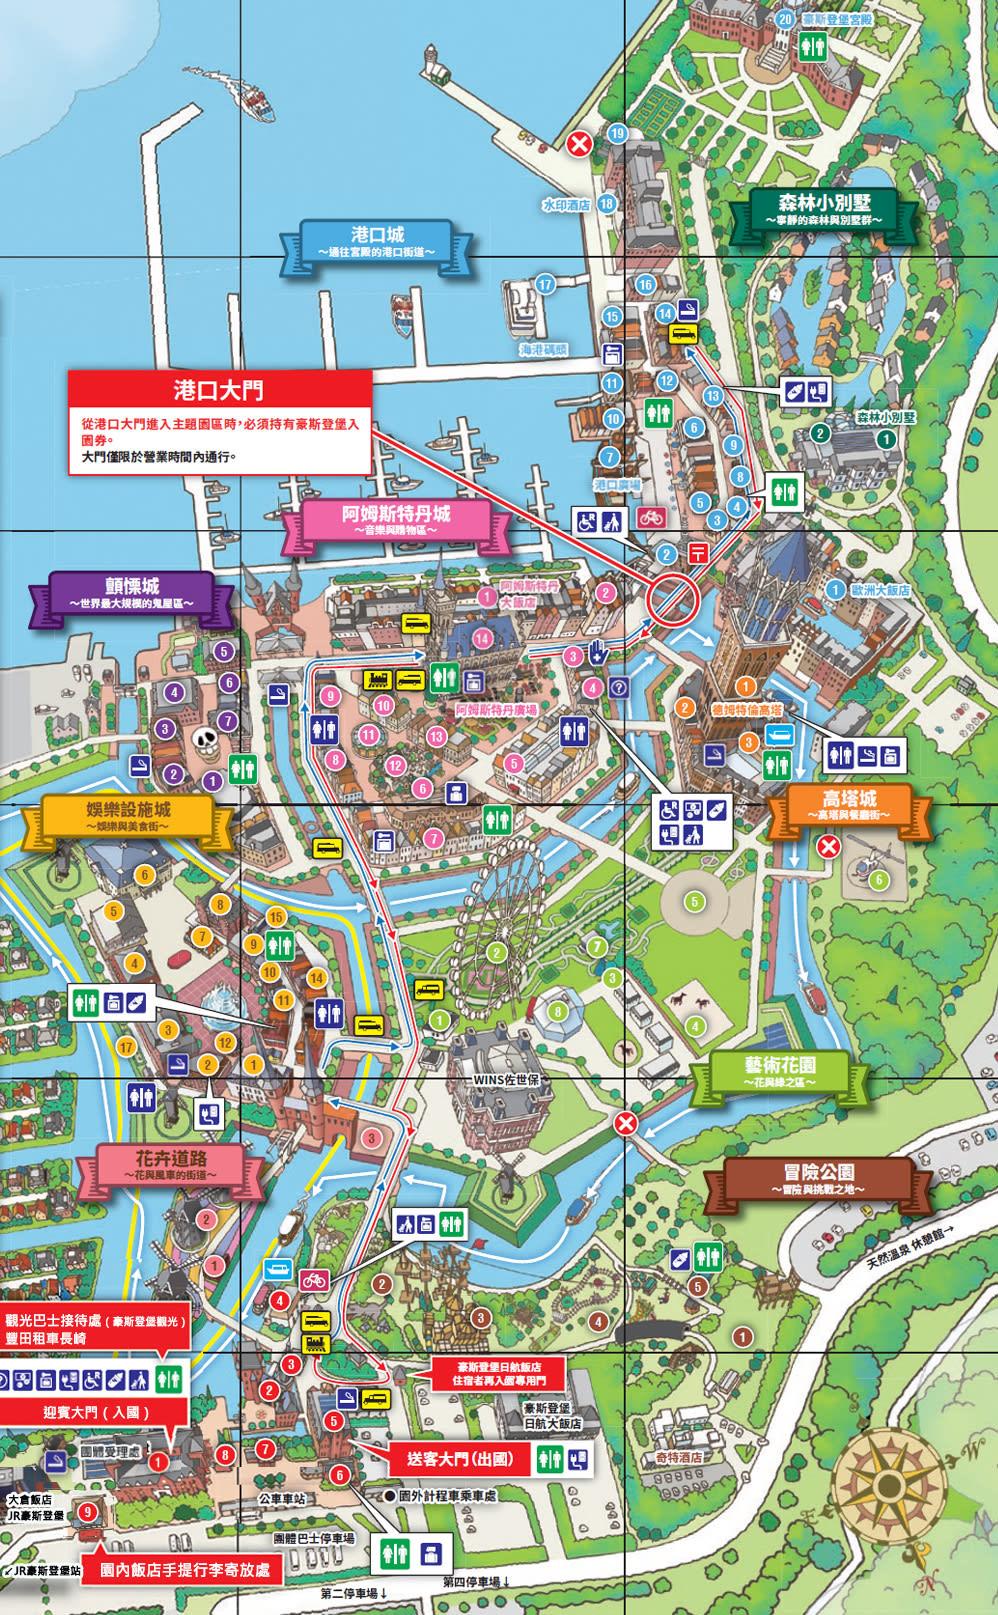 豪斯登堡地圖(圖片來源:豪斯登堡官網)